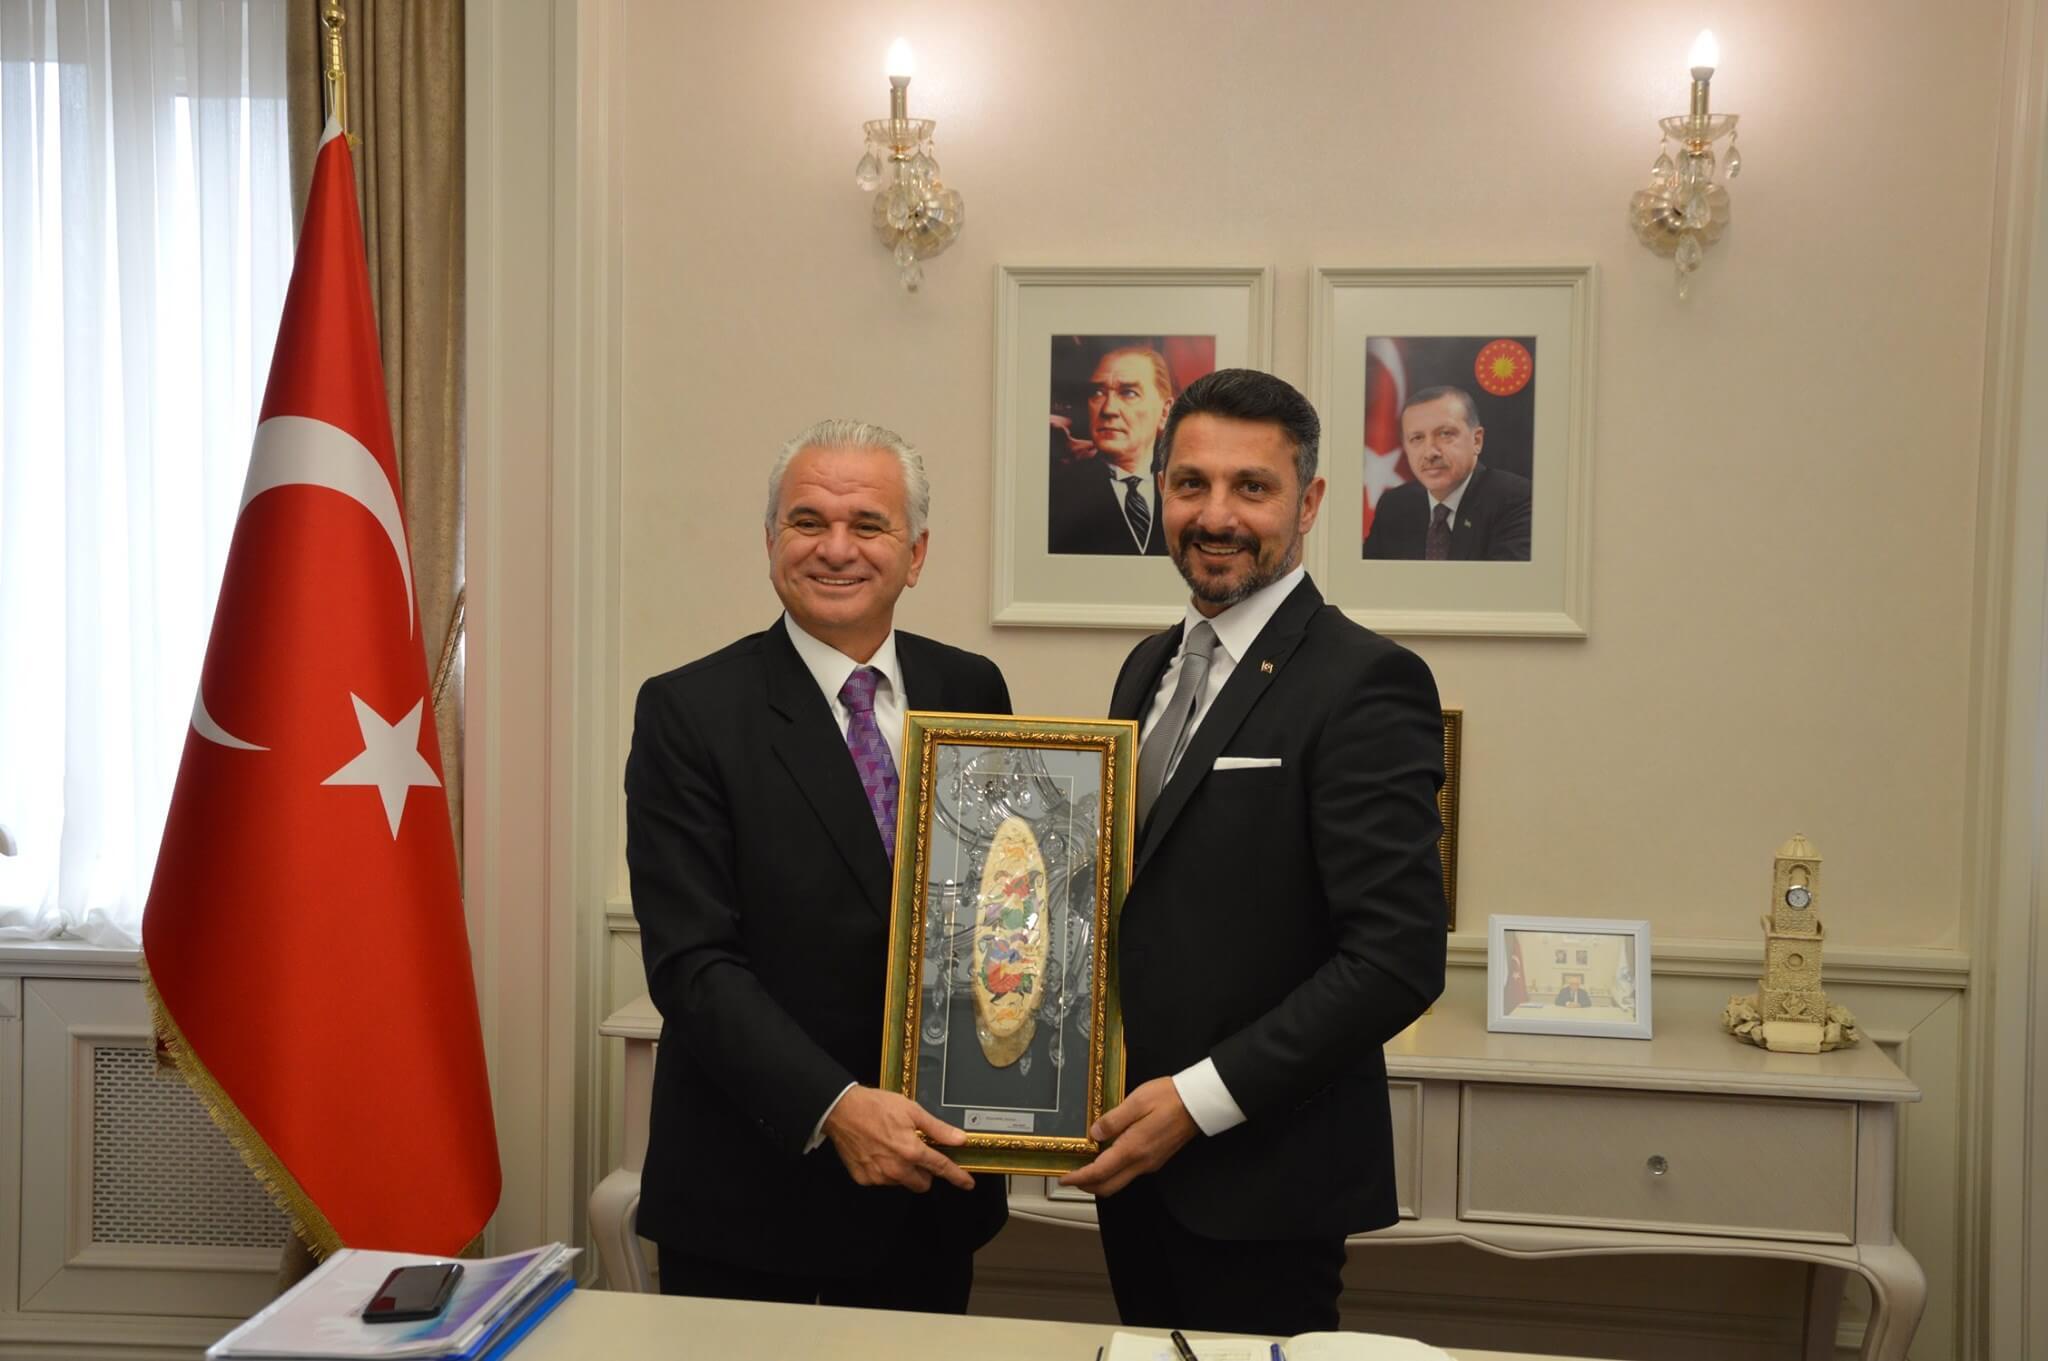 Eskişehir Ticaret Odası Başkanı Metin GÜLER'e, Meclis Başkanı Halil İbrahim ARA'ya ve Değerli Yönetim Kurulu Üyelerinden Oluşan Heyete Nazik Ziyaretleri İçin Teşekkürlerimi Sunarım